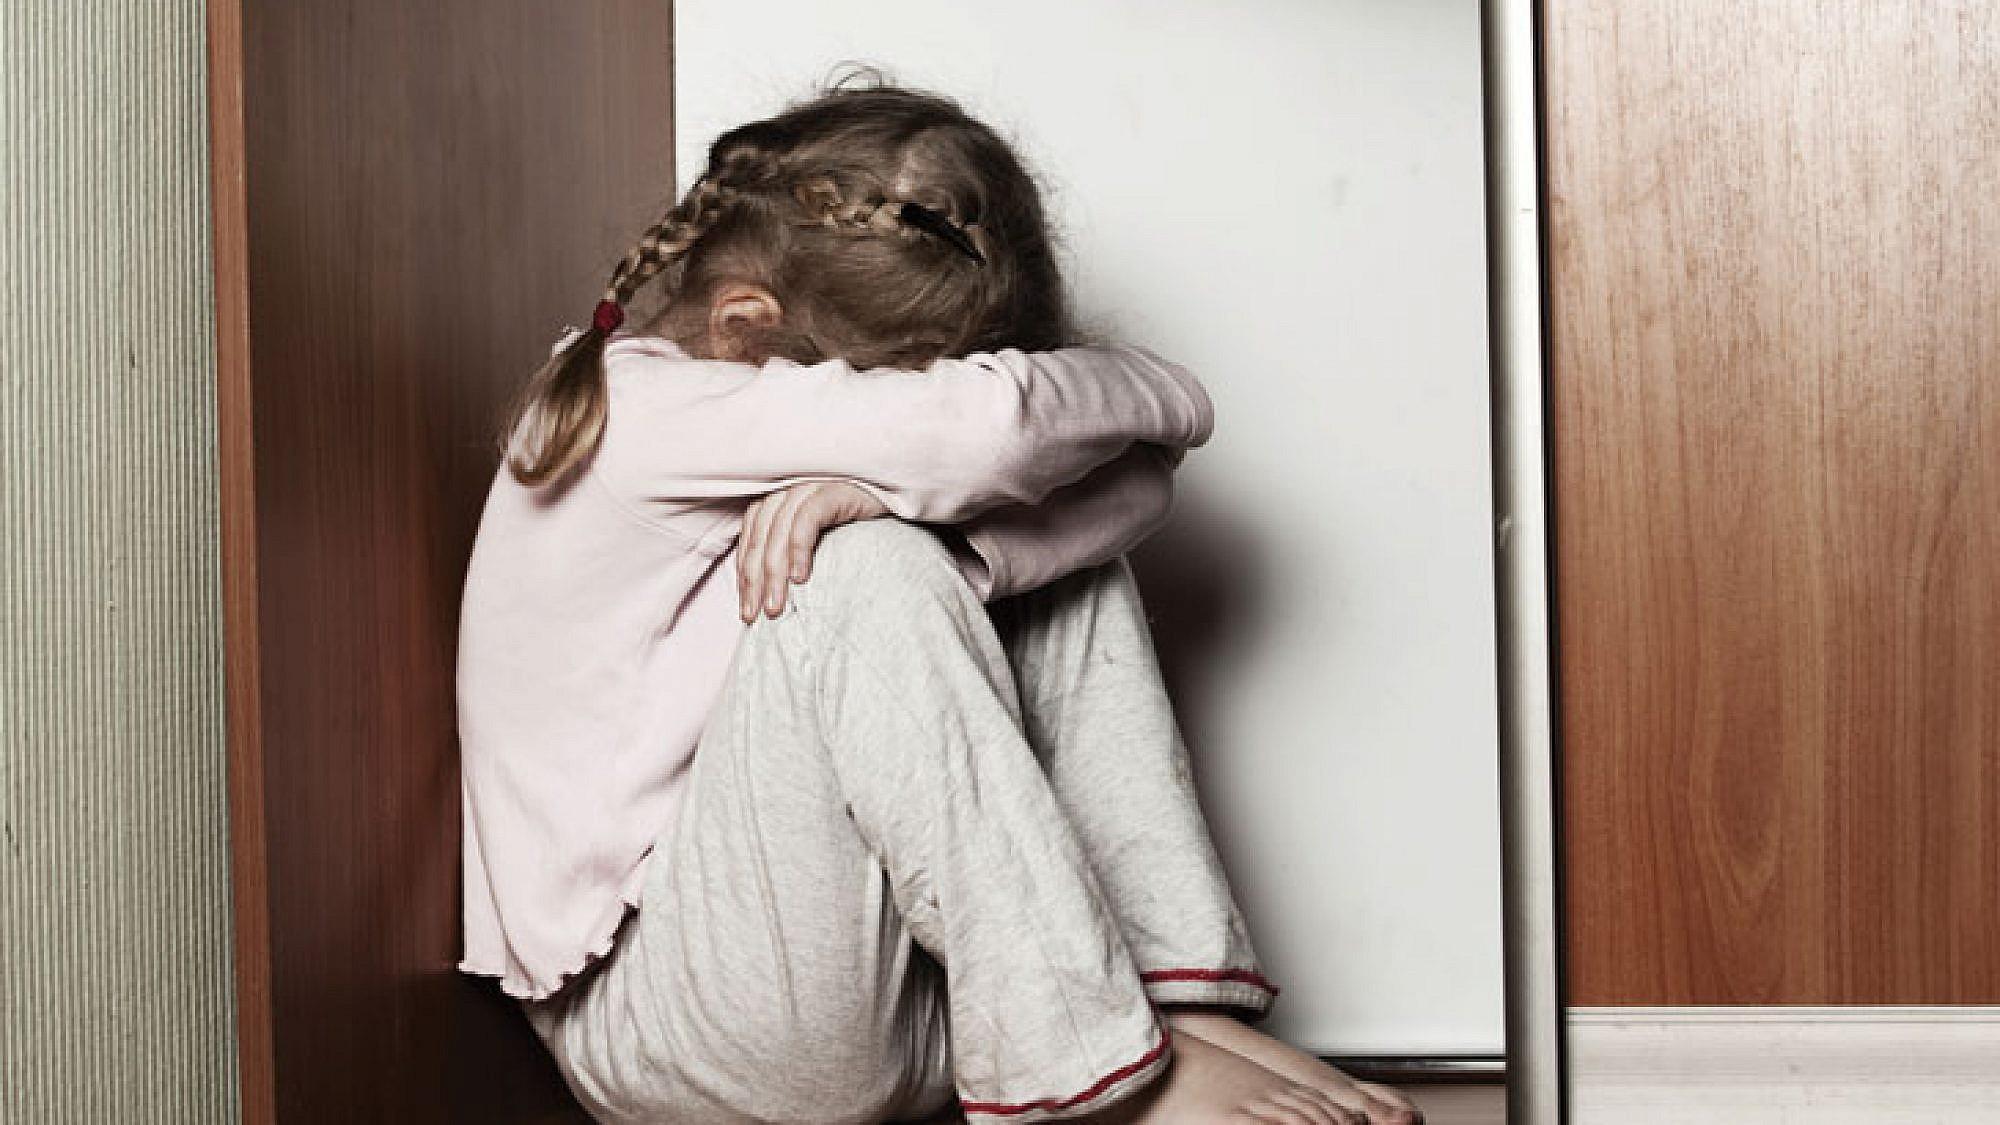 שימו לב! סימני אזהרה להתנהגות מינית מדאיגה אצל ילדים   צלם: shutterstock, א.ס.א.פ קרייאיטיב